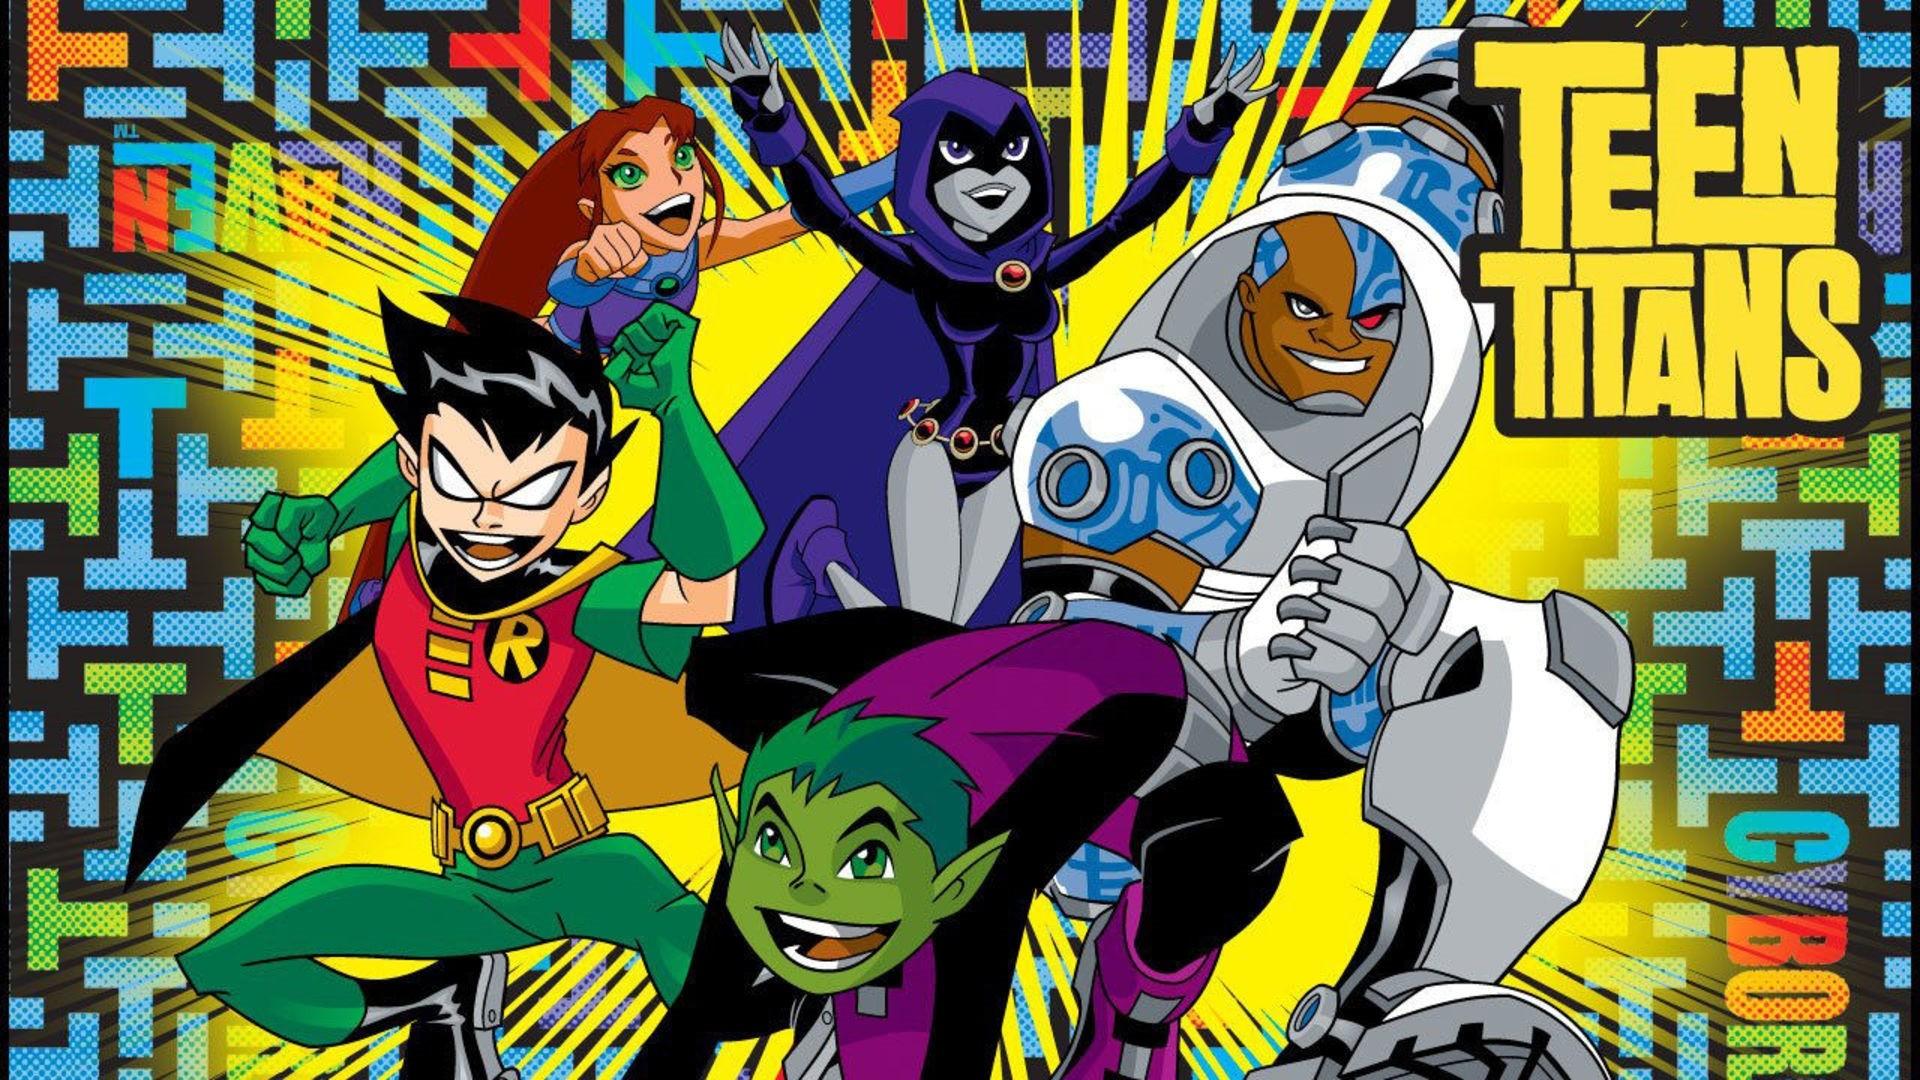 Teen Titans hd wallpaper download